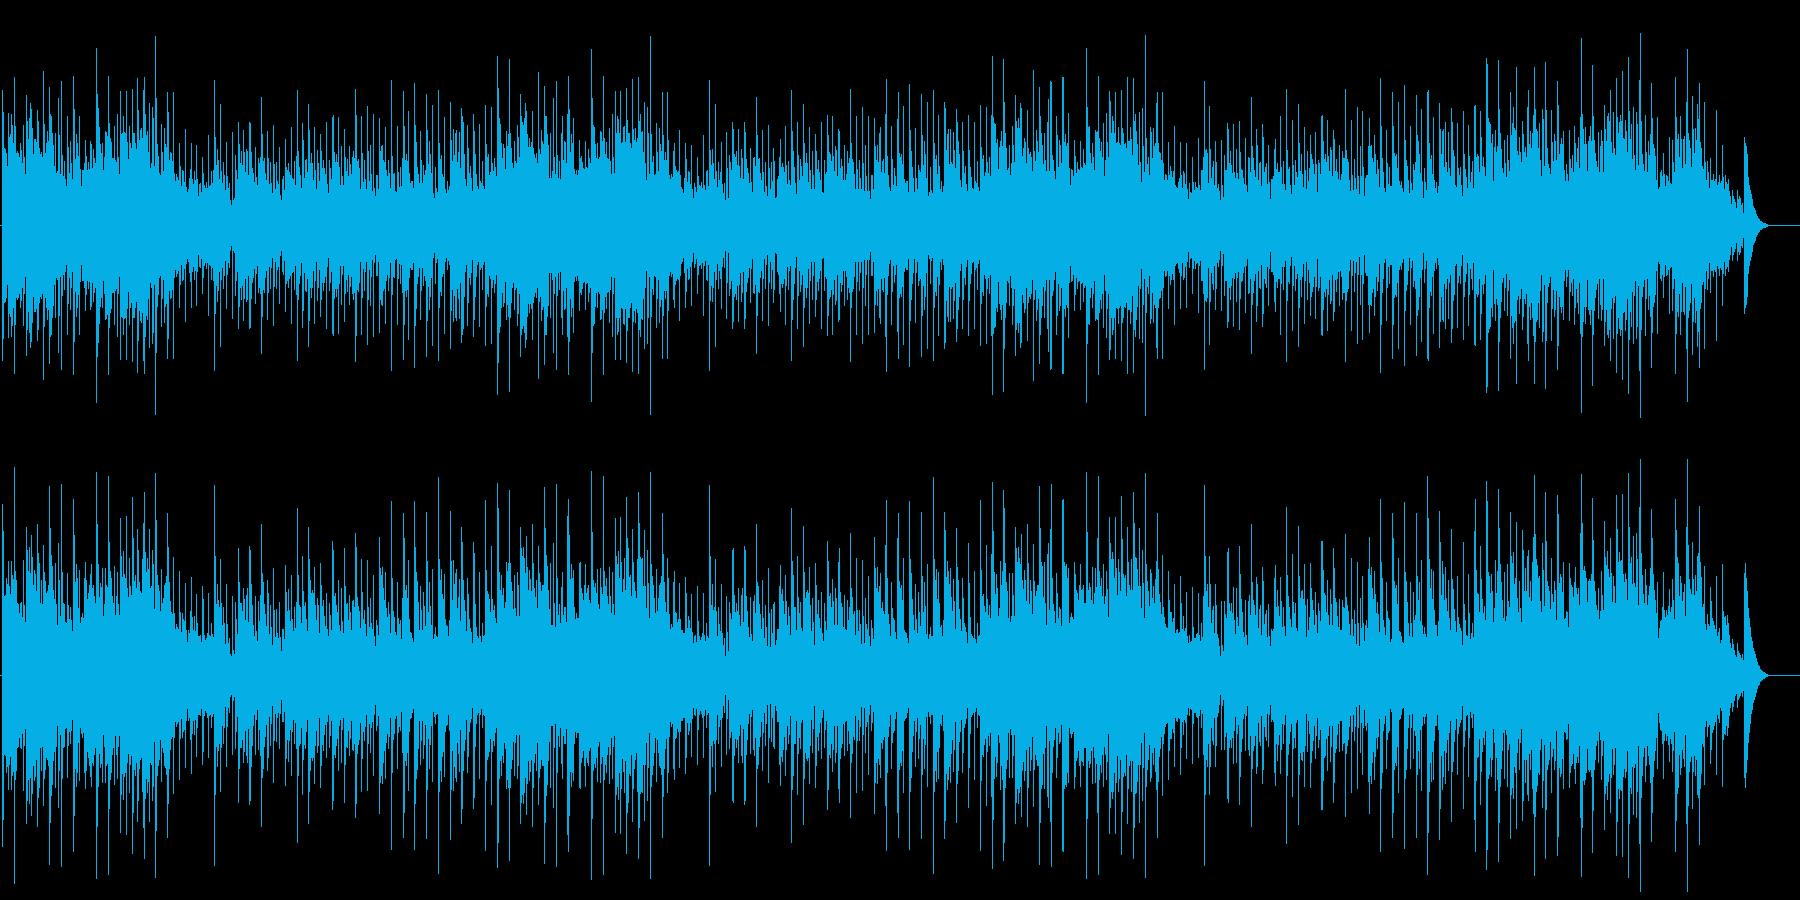 喜びを分かち合う素直な心の高揚を呼ぶ楽曲の再生済みの波形